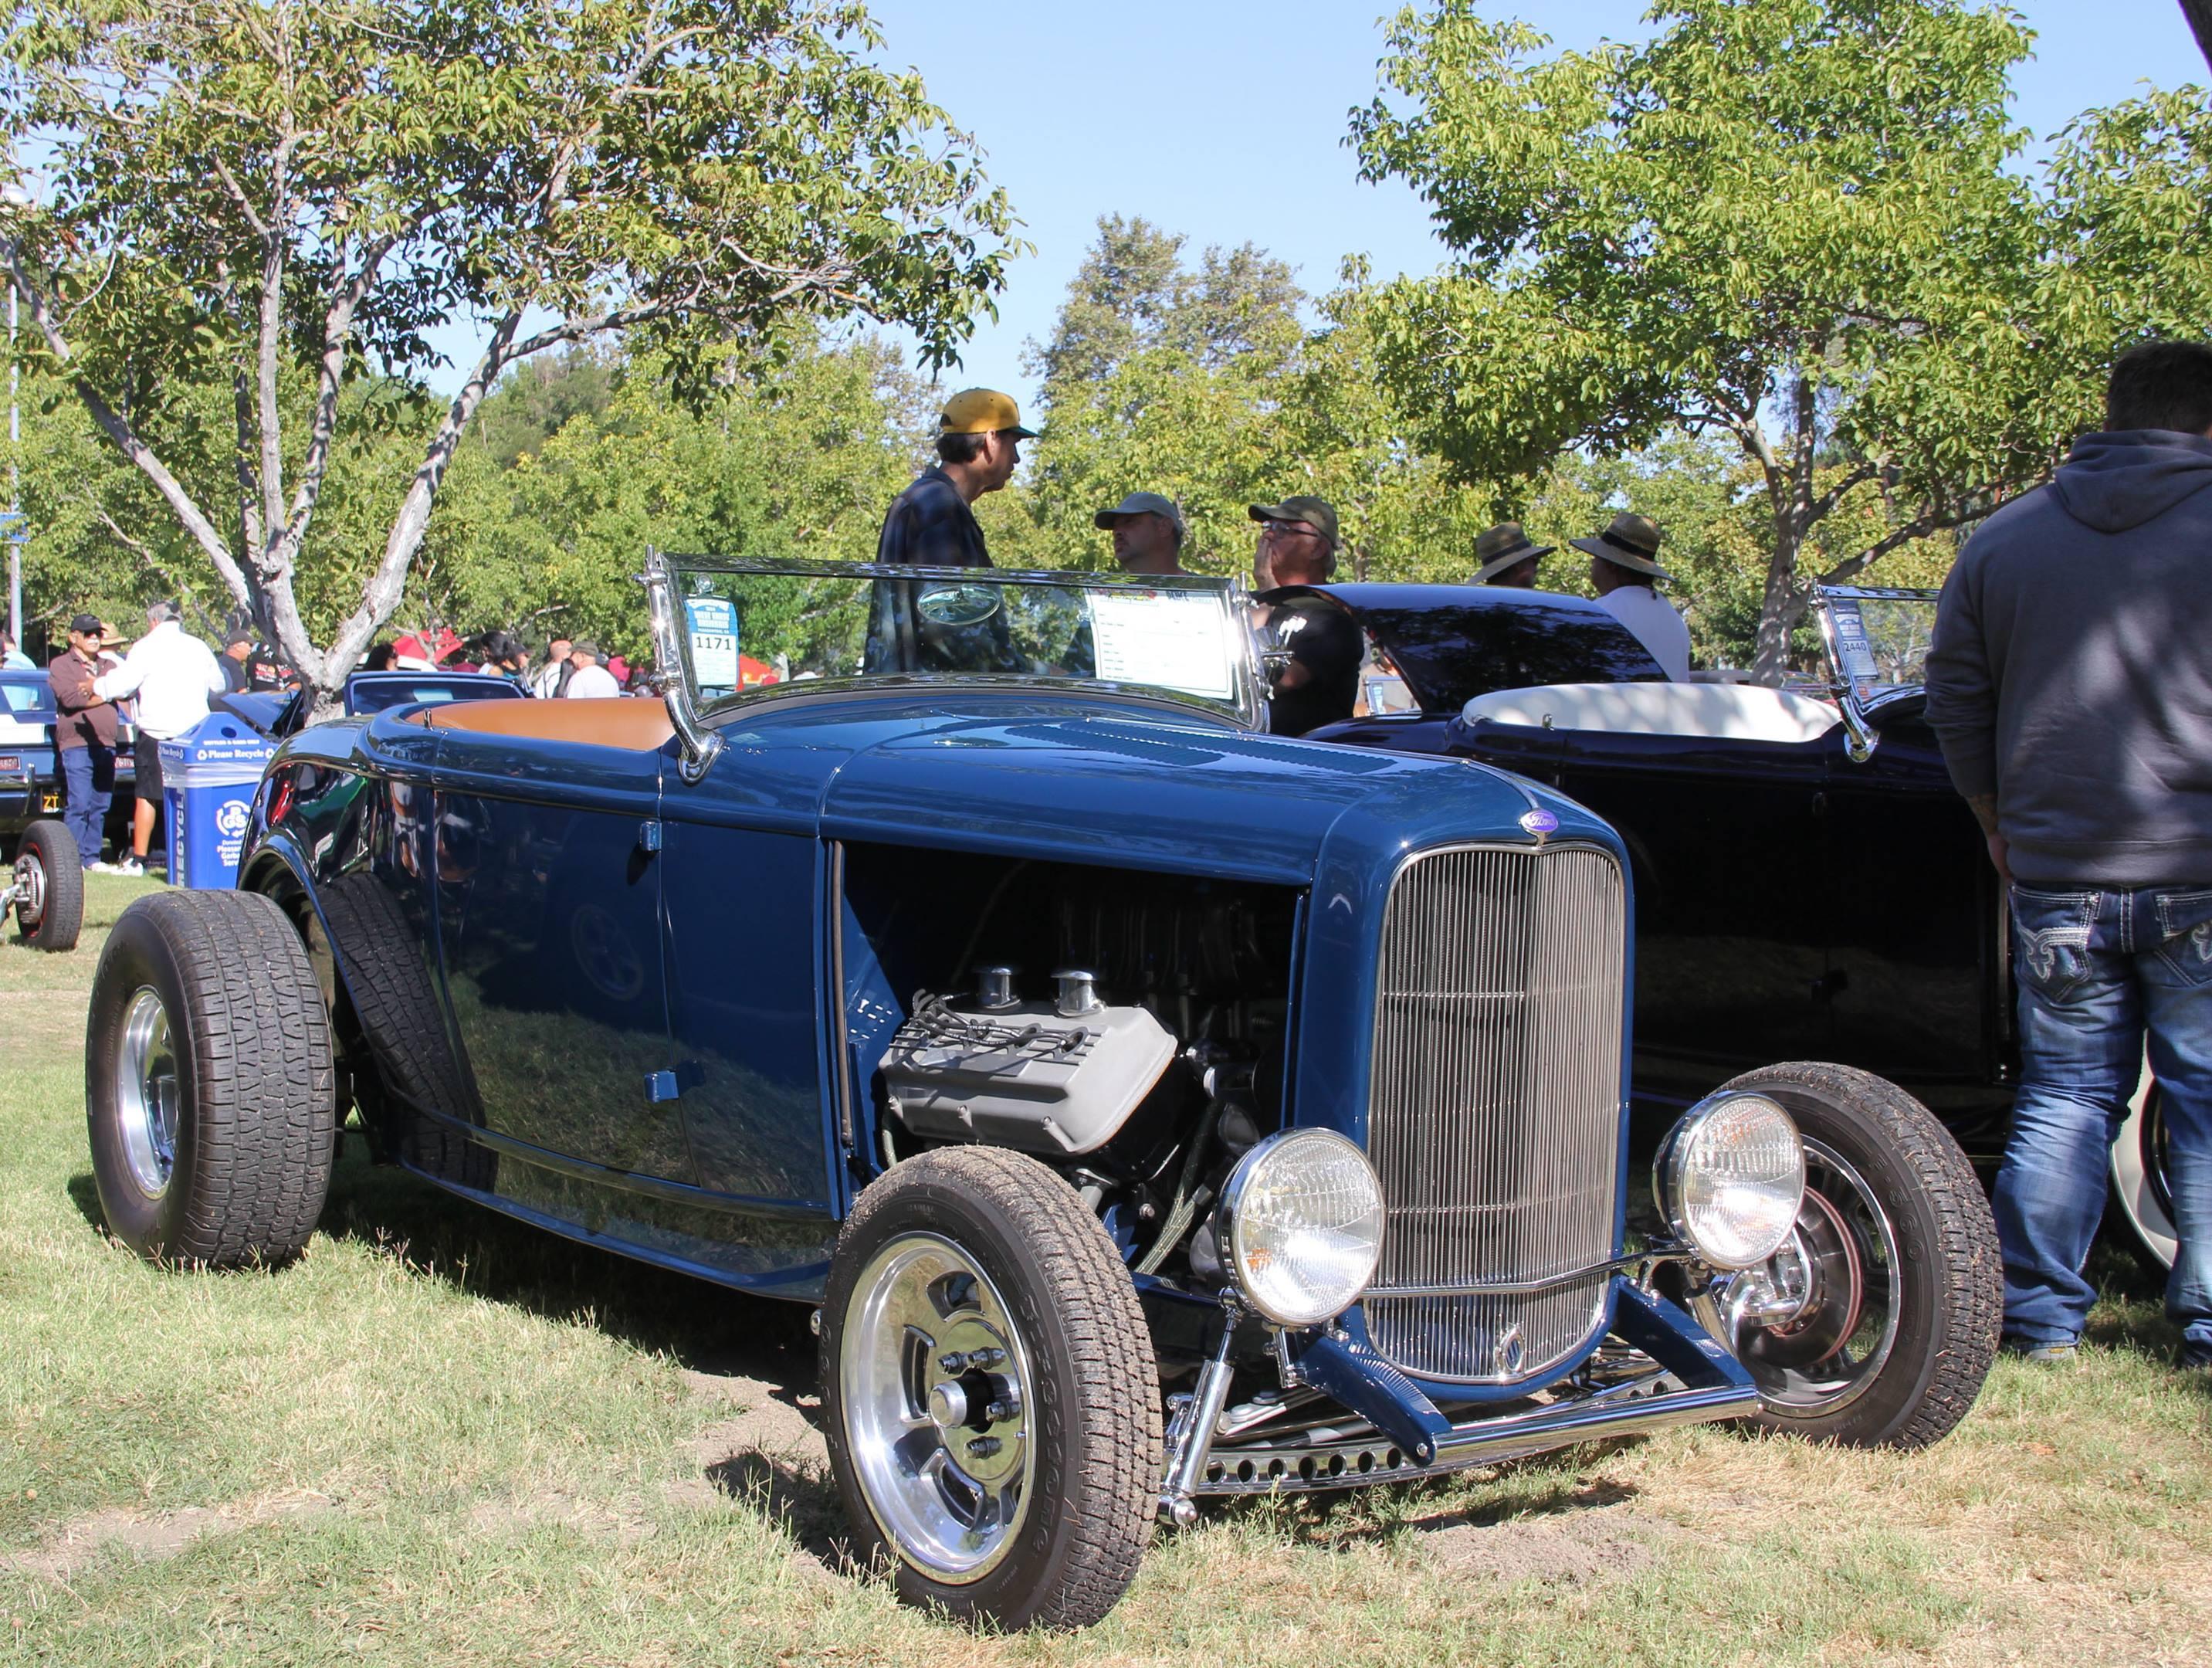 1932 Ford Deuce at a car show